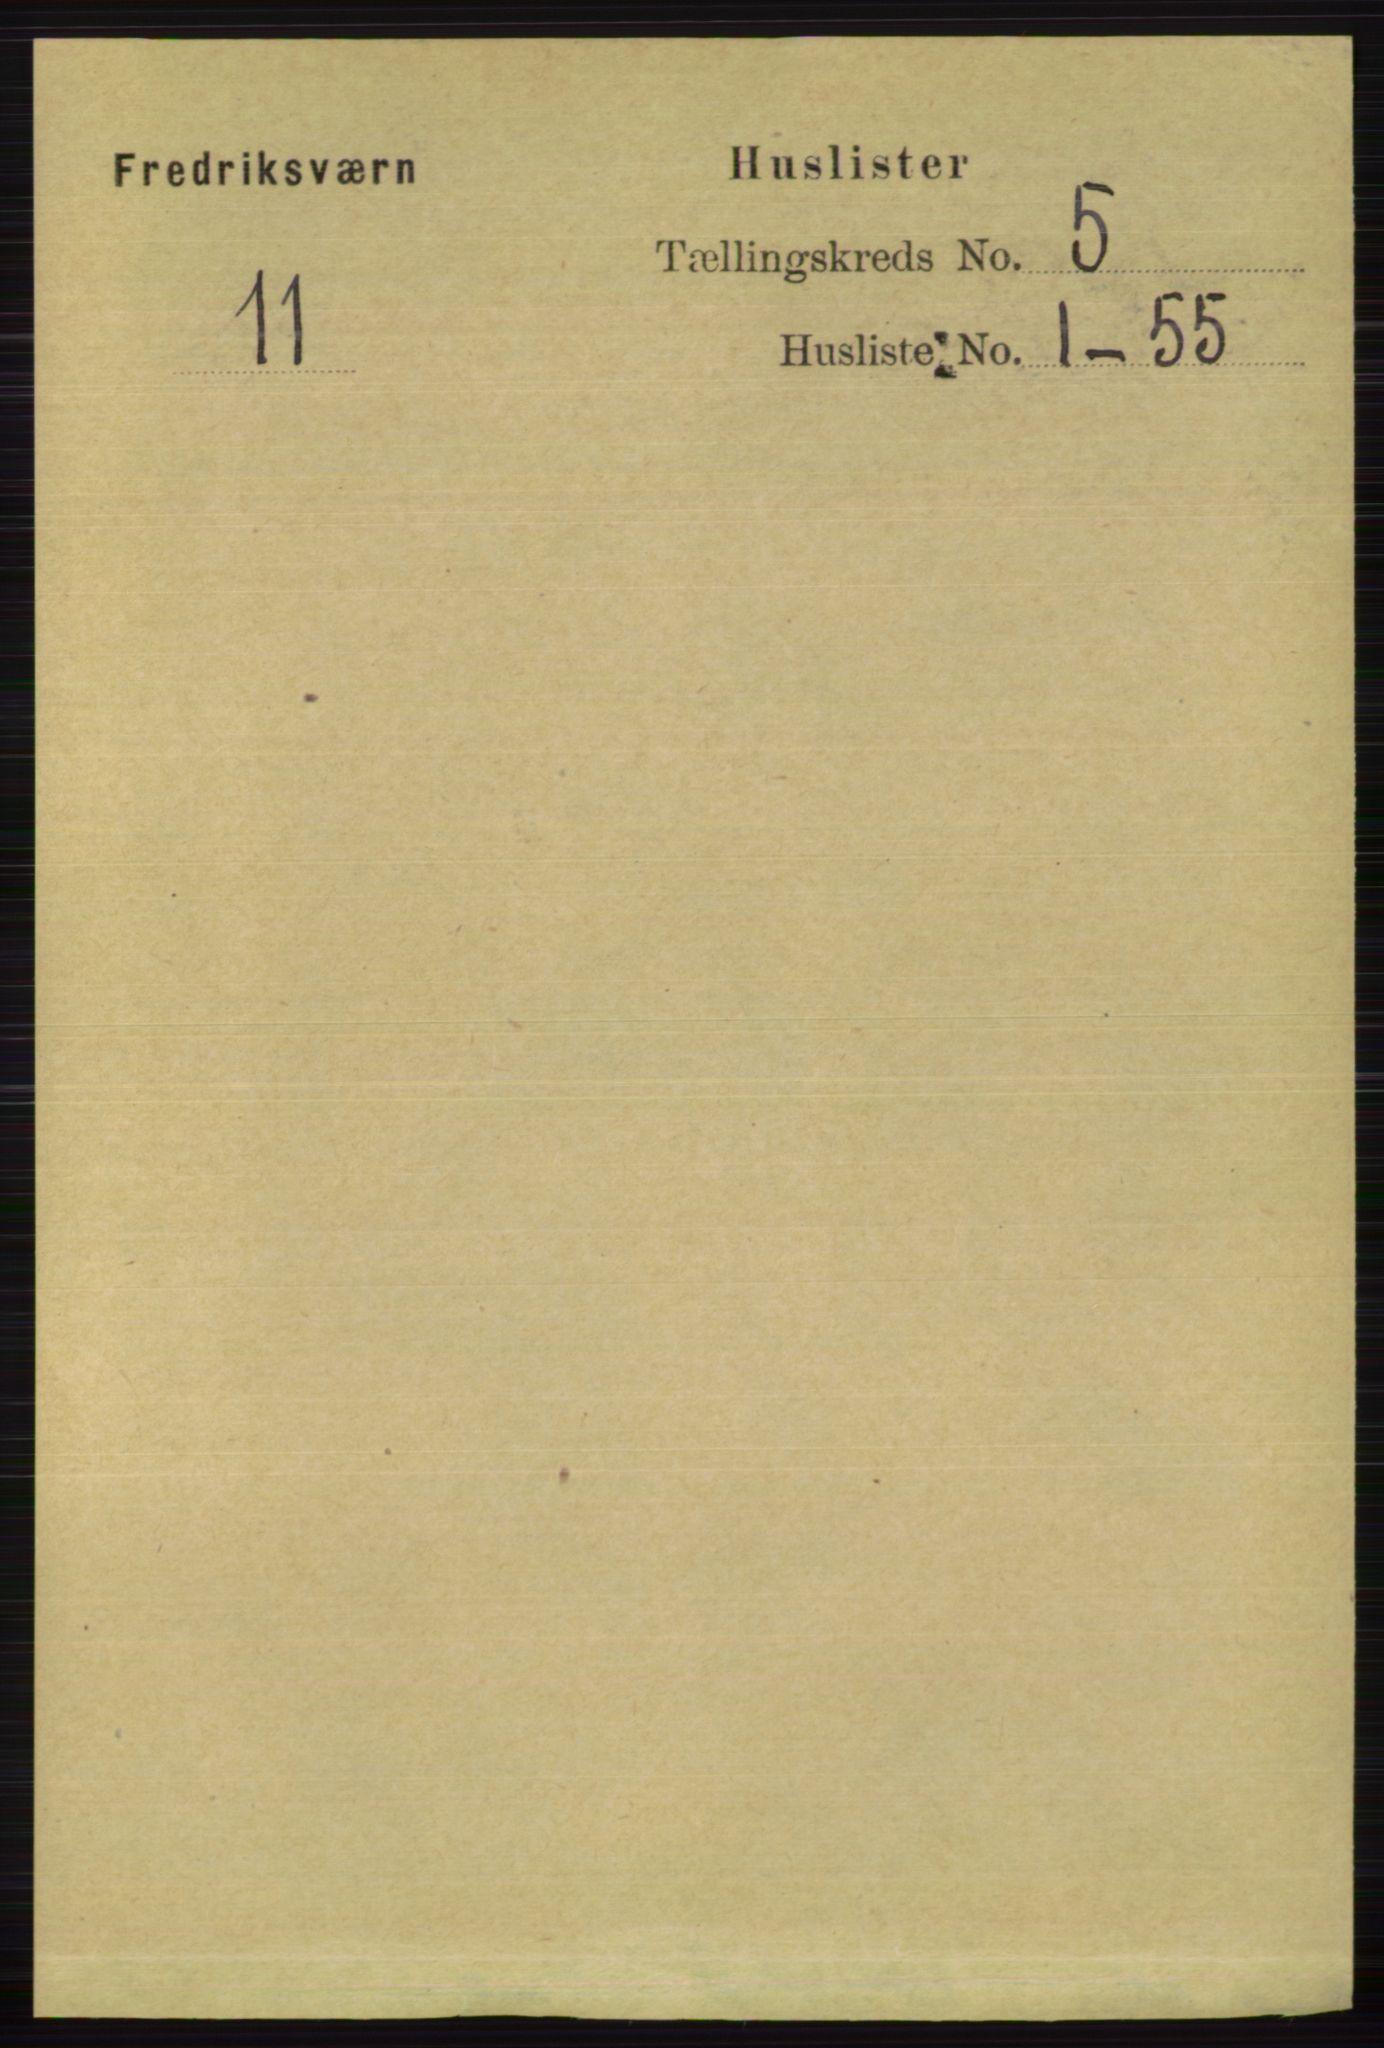 RA, Folketelling 1891 for 0798 Fredriksvern herred, 1891, s. 975